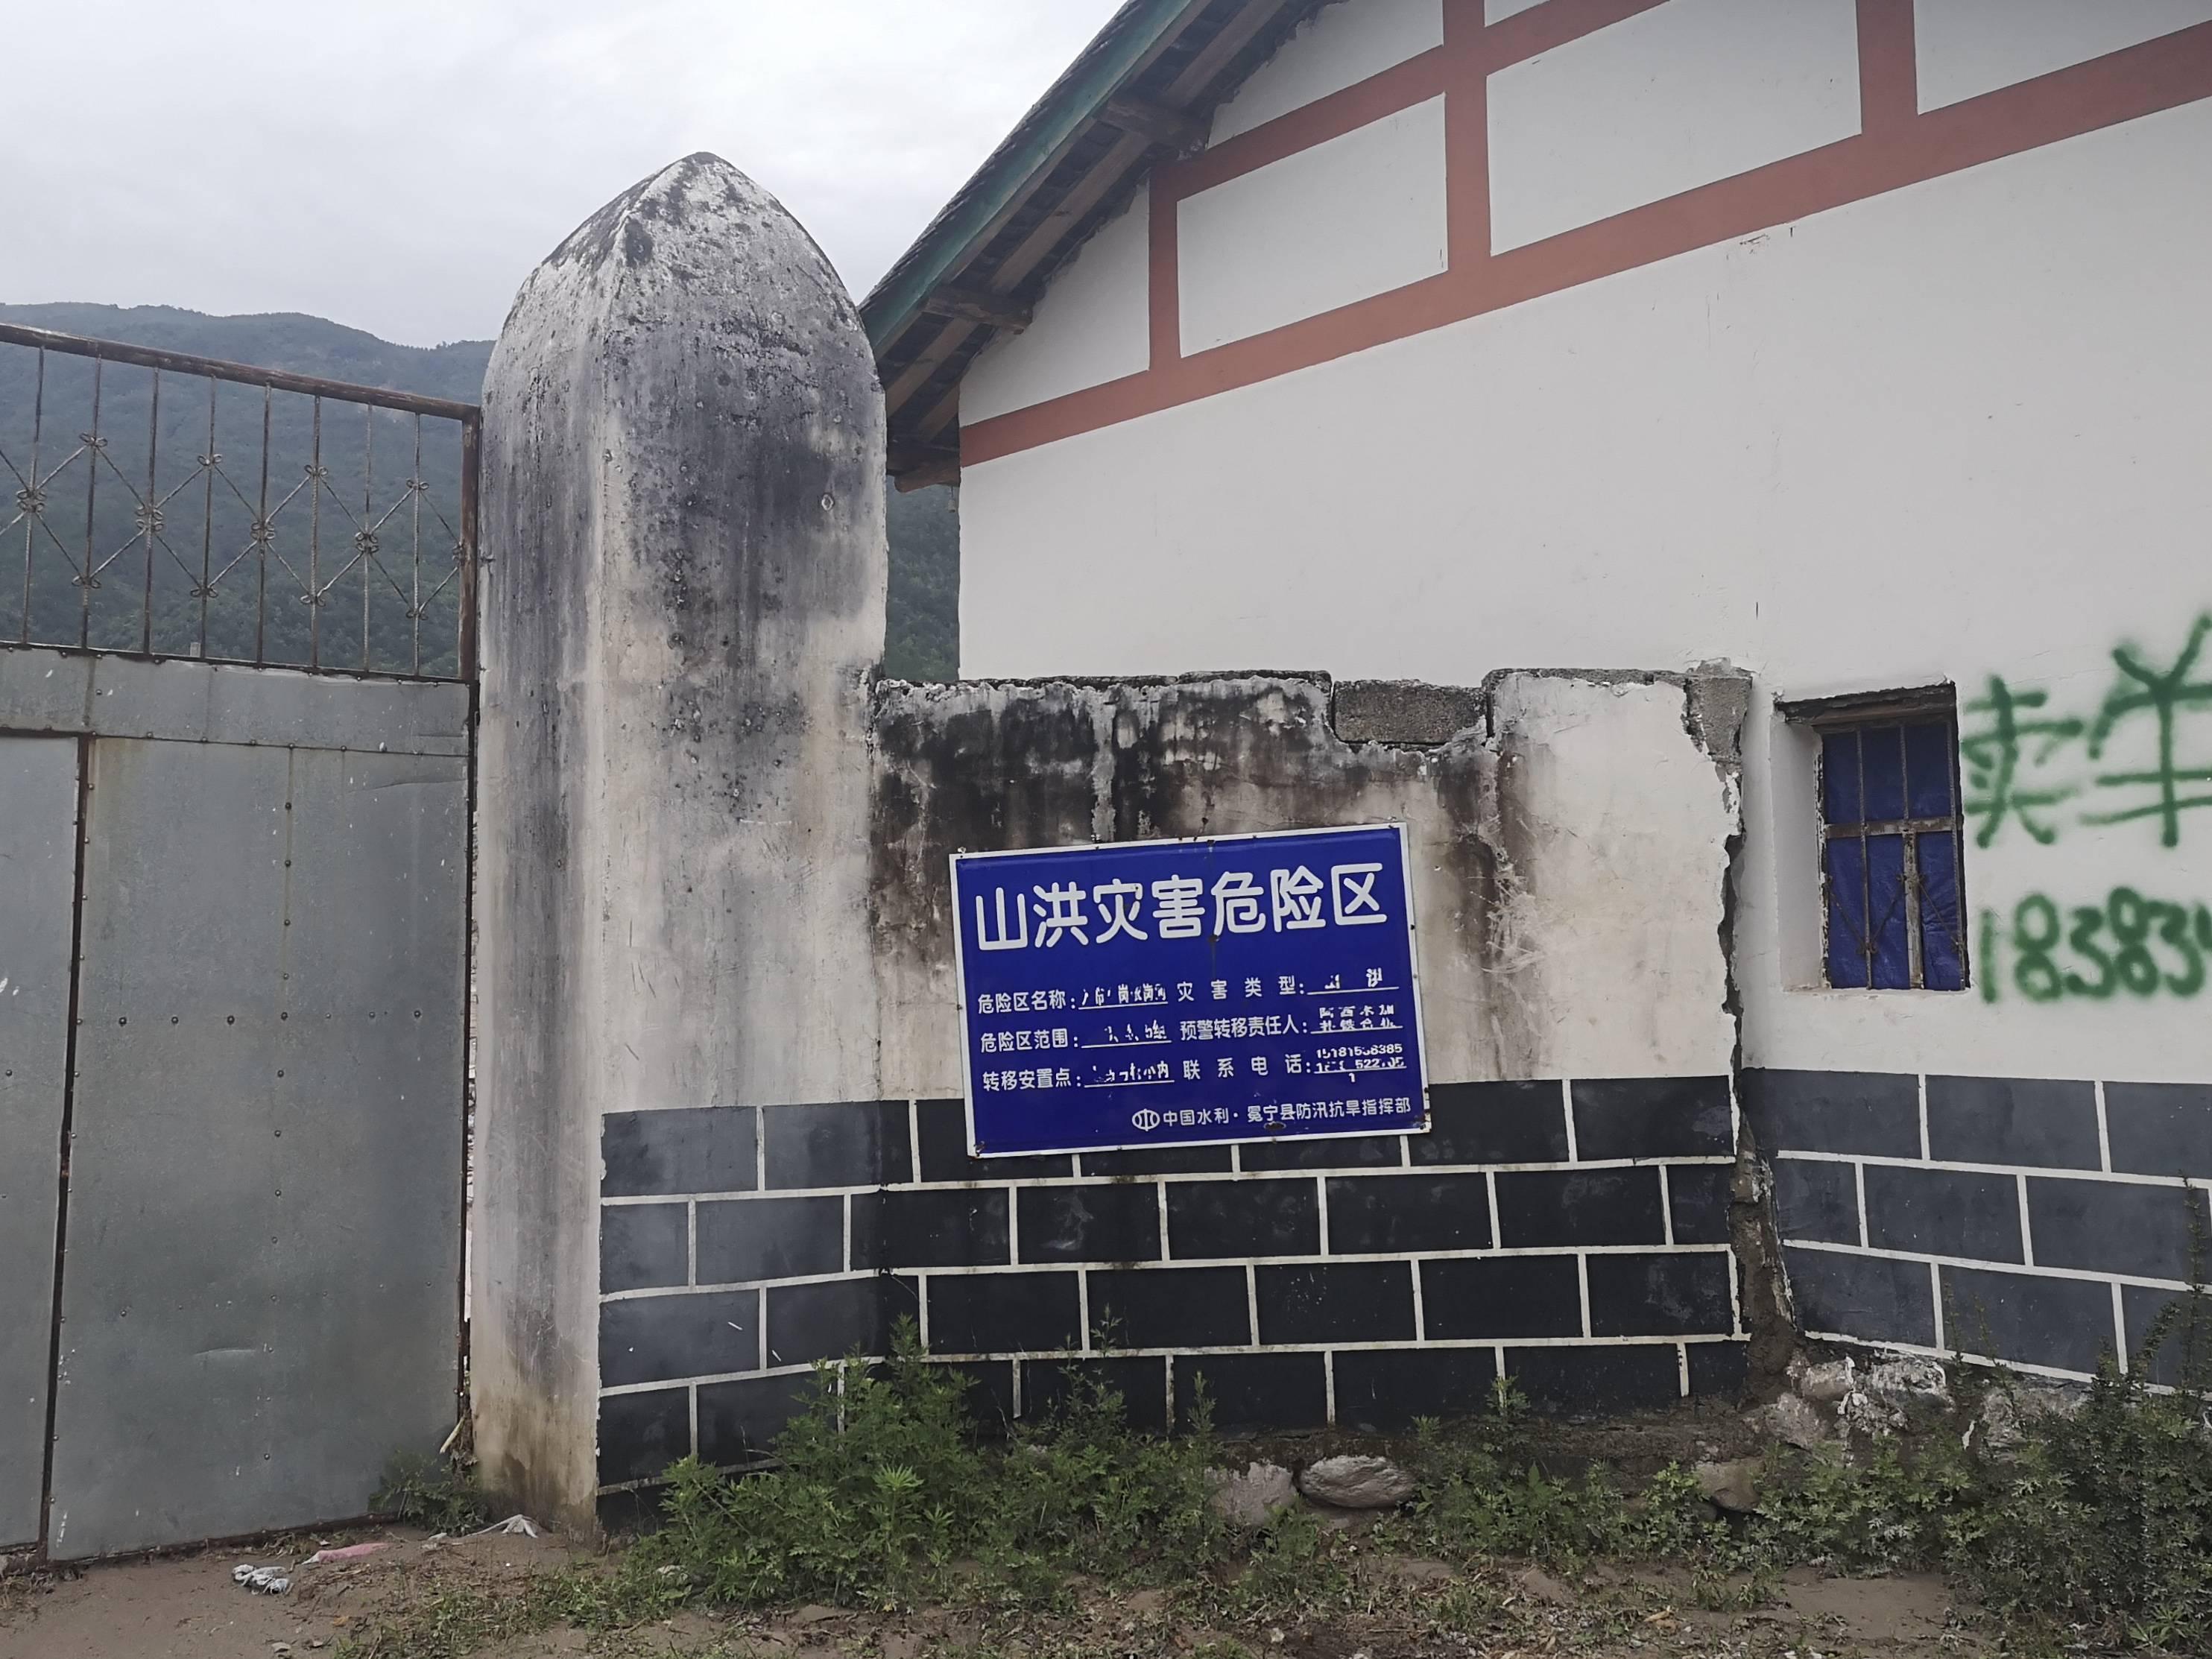 冕宁暴雨生死6小时:山洪夜袭,四千余村民何处逃生?